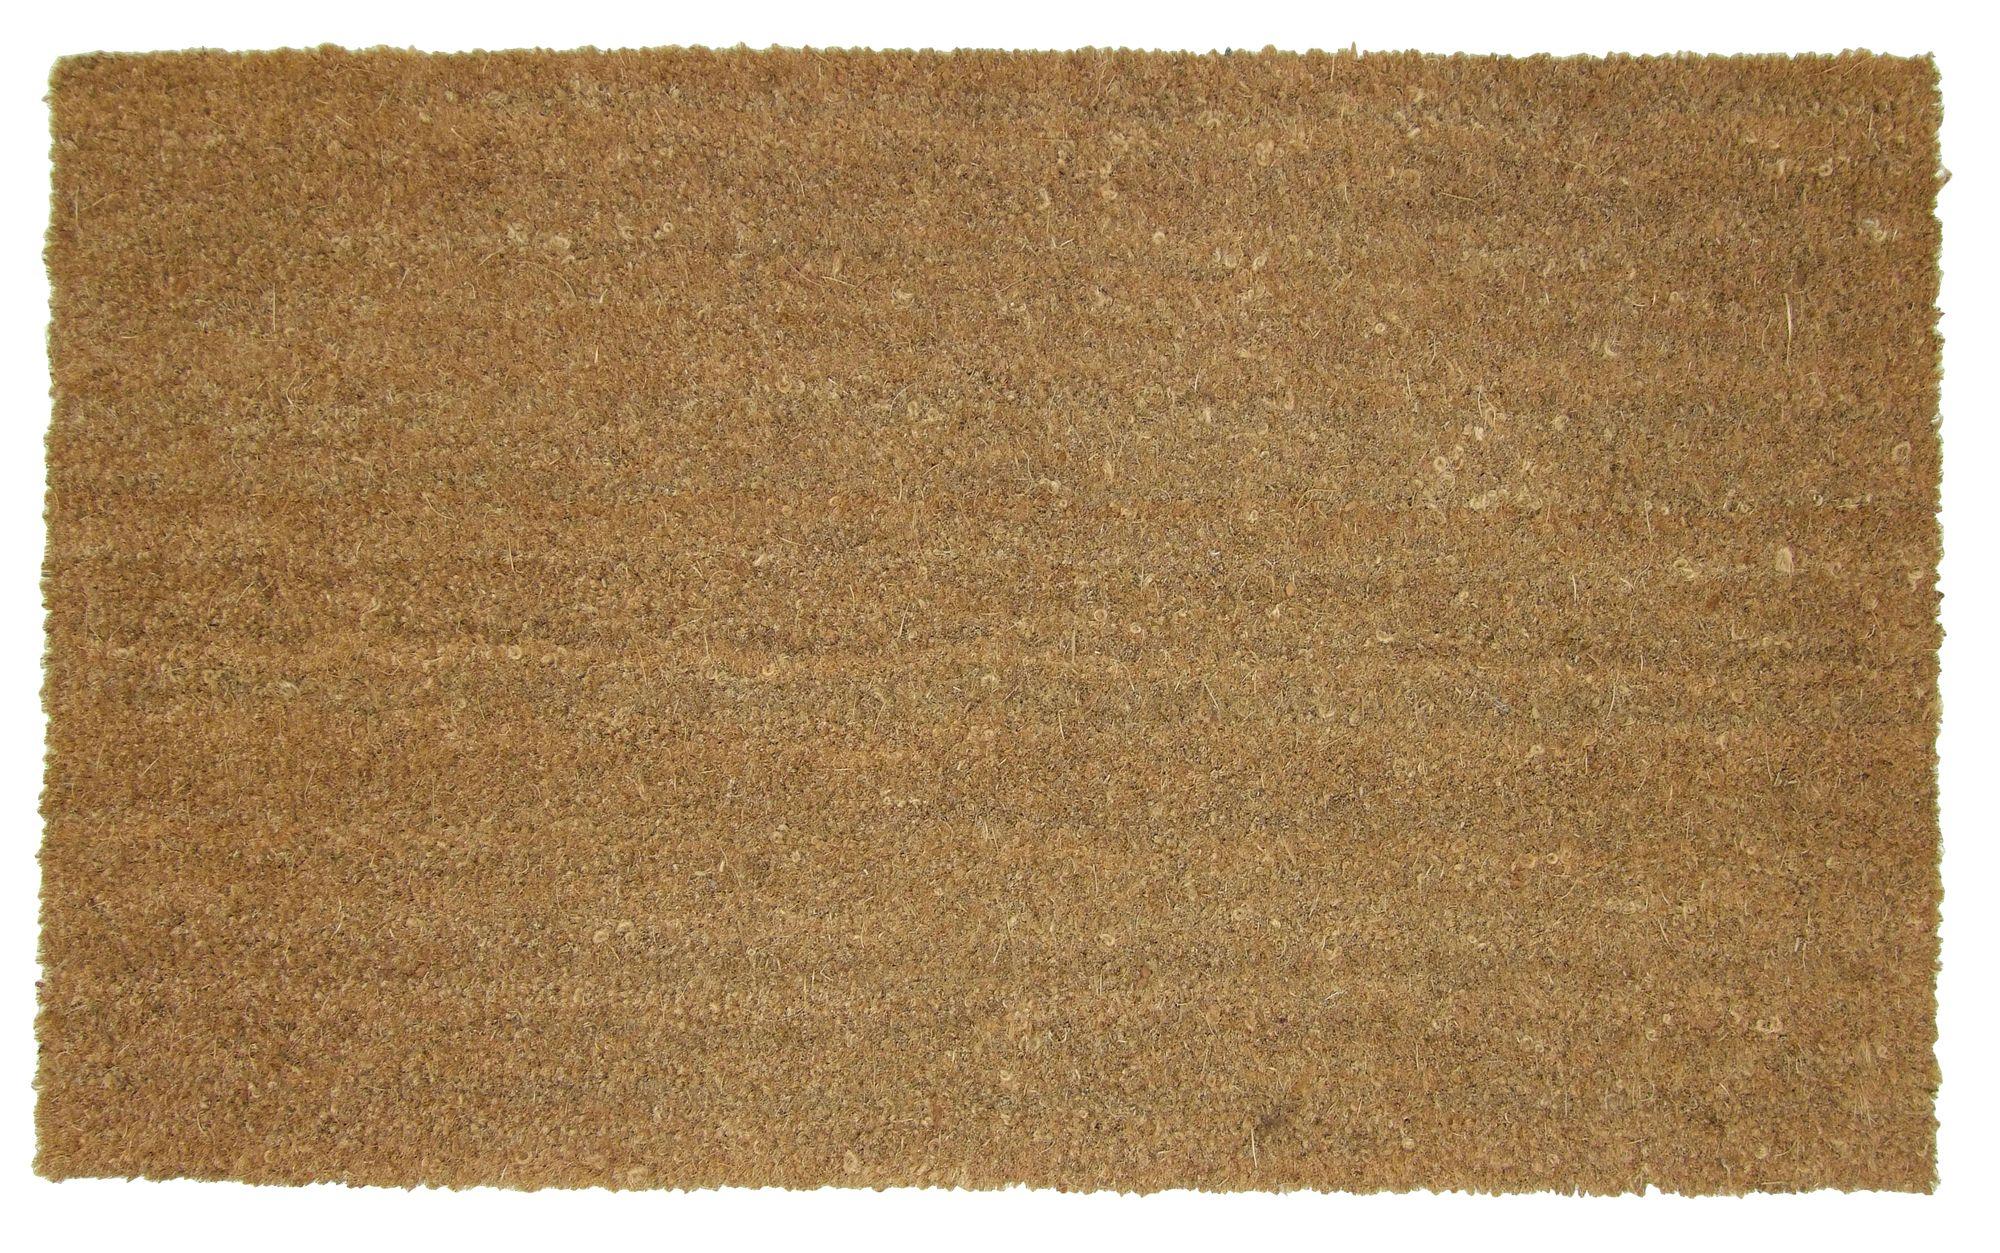 Diall Natural Plain Coir Amp Pvc Doormat L 110cm W 80cm